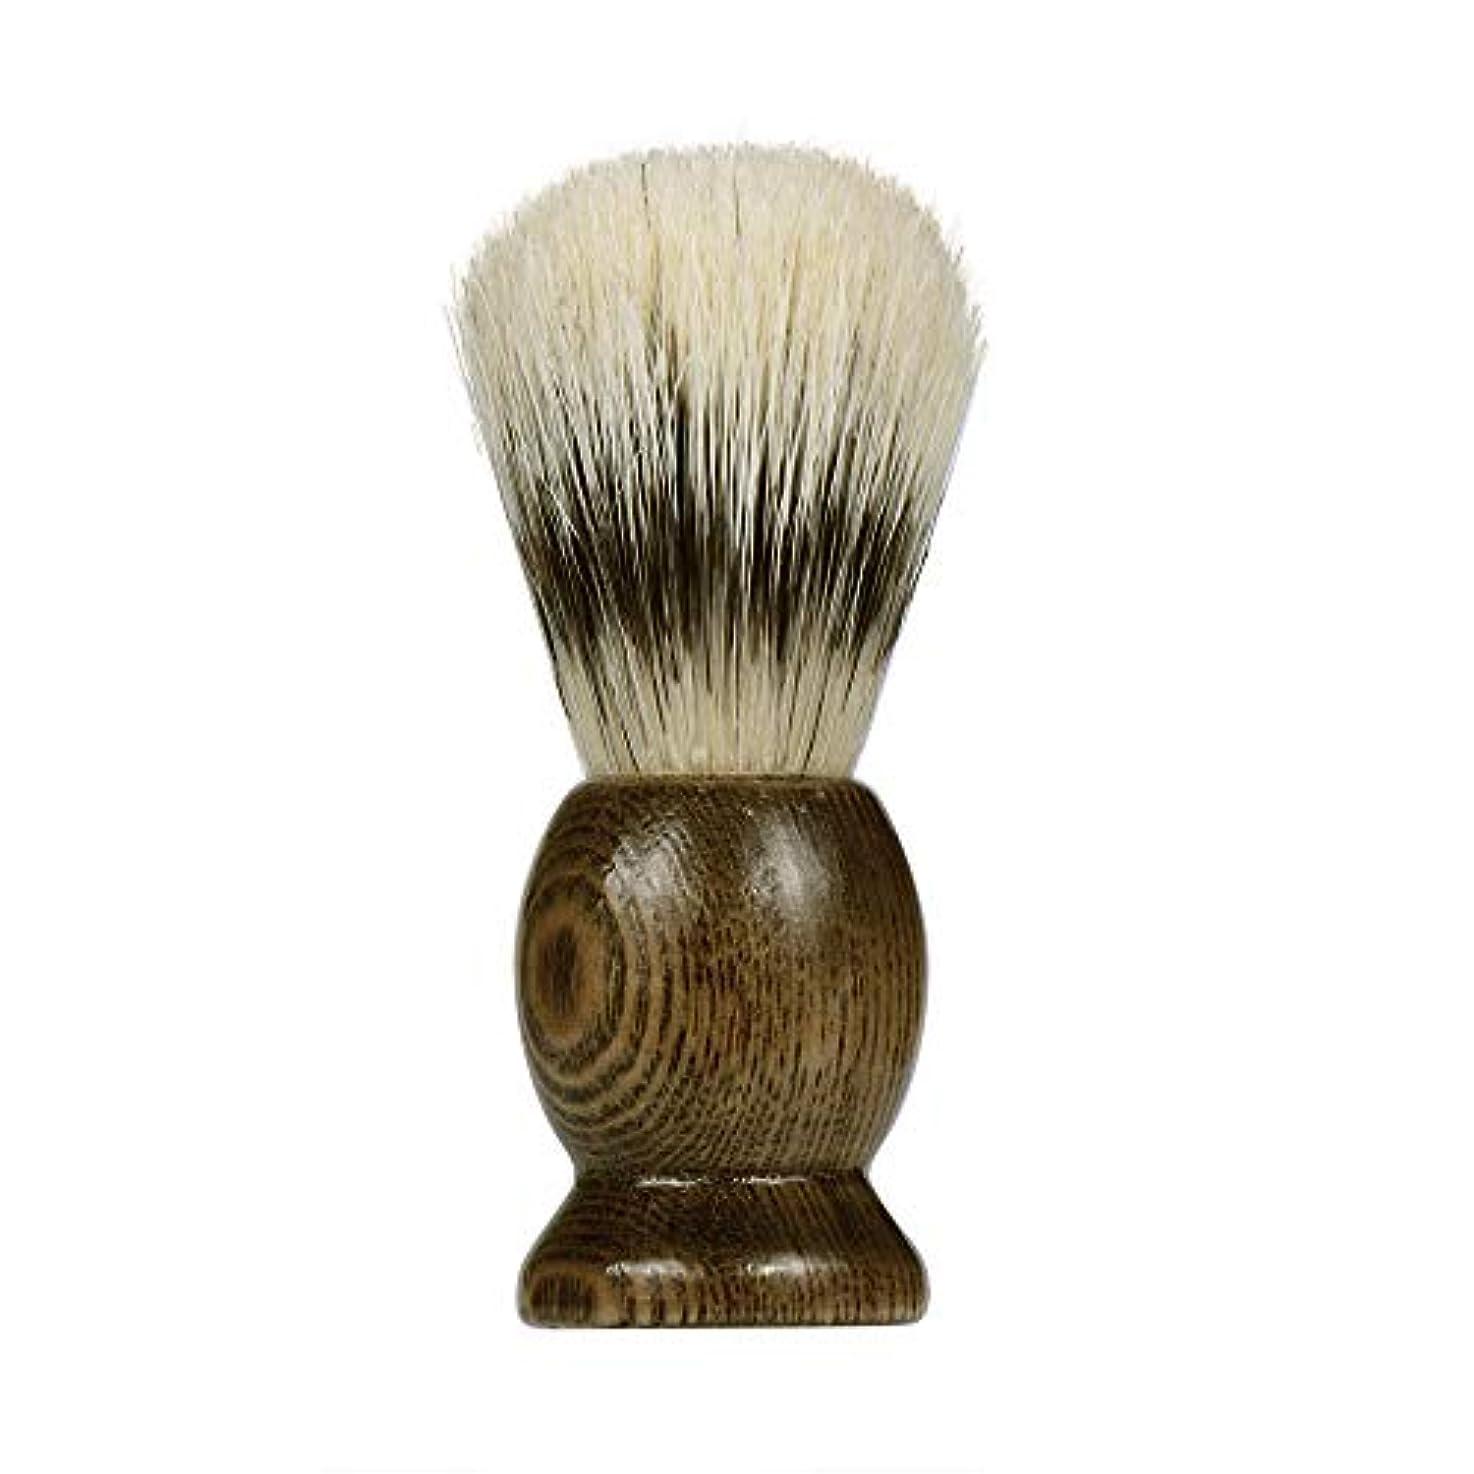 zlianhui ZYピュアアナグマヘアシェービングブラシウッドハンドルベストシェービングバーバー密に充填されたブラシヘッド理想的な保持と分散泡と柔らかさ (Brown)